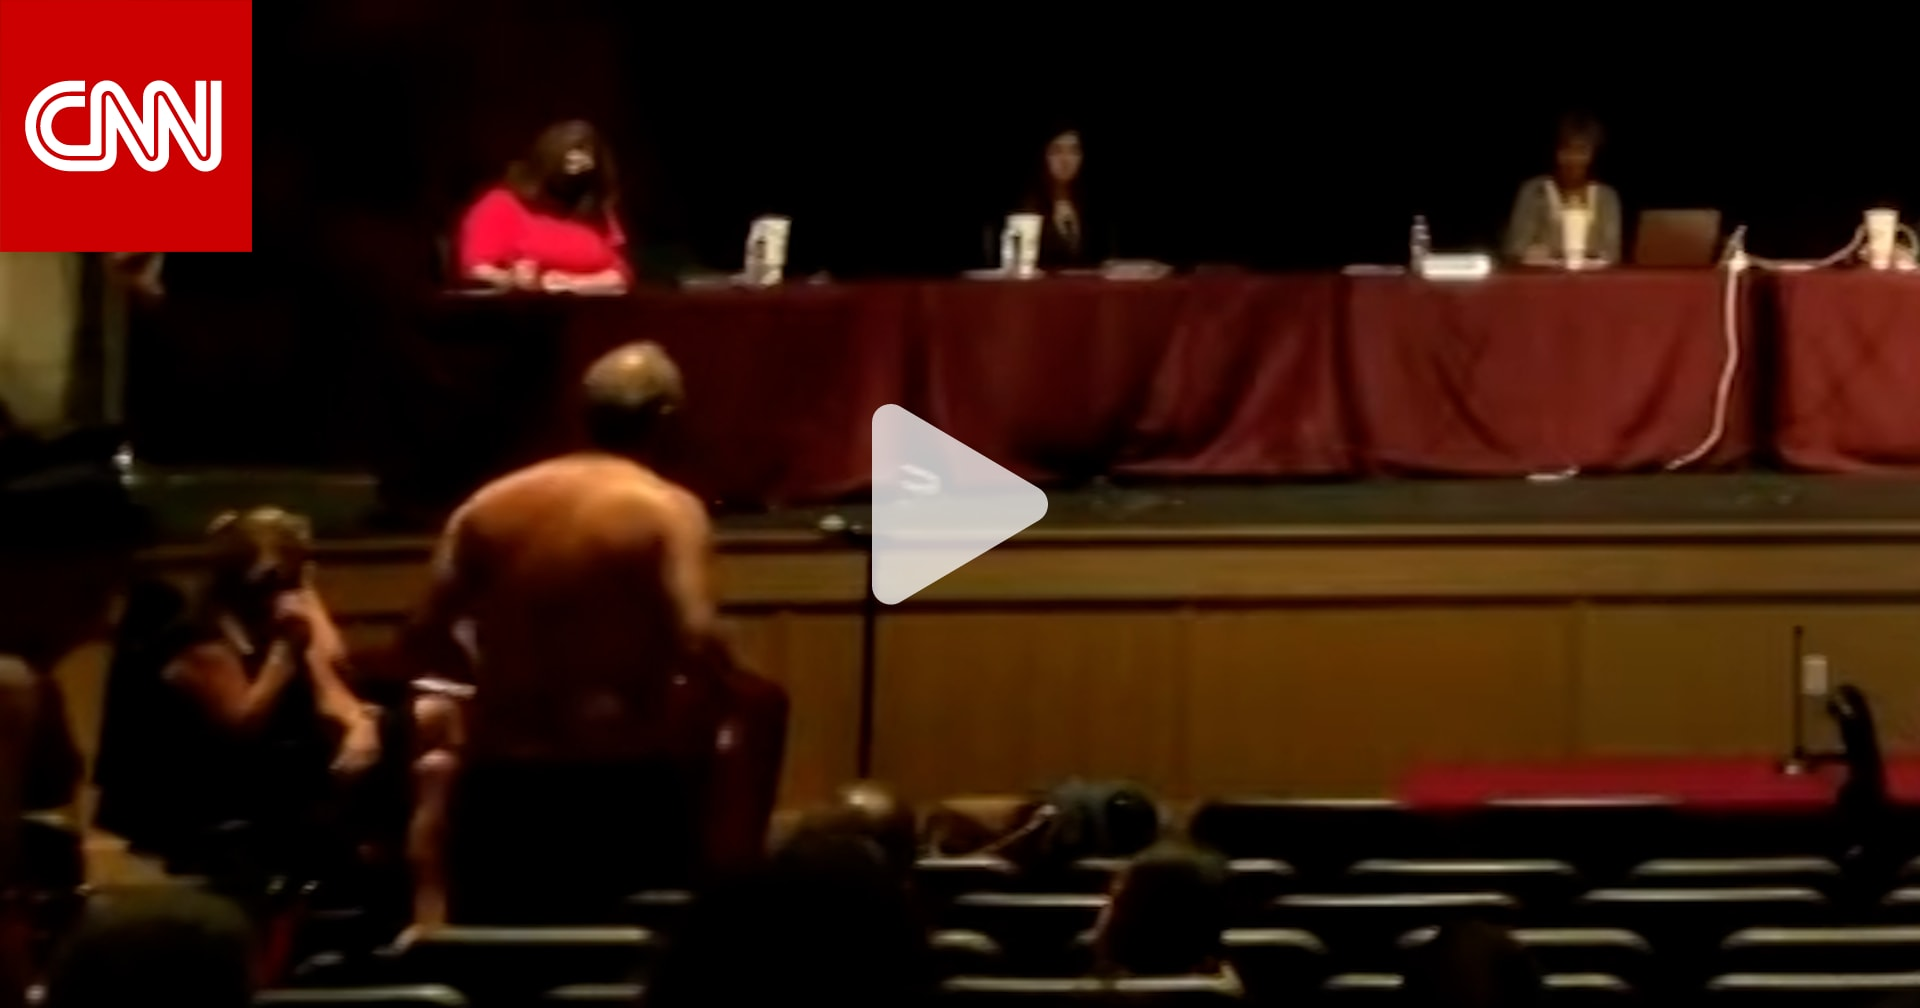 والد يتجرد من ملابسه أثناء اجتماع لمجلس إدارة مدرسة أمام مرأى الحضور.. والسبب؟